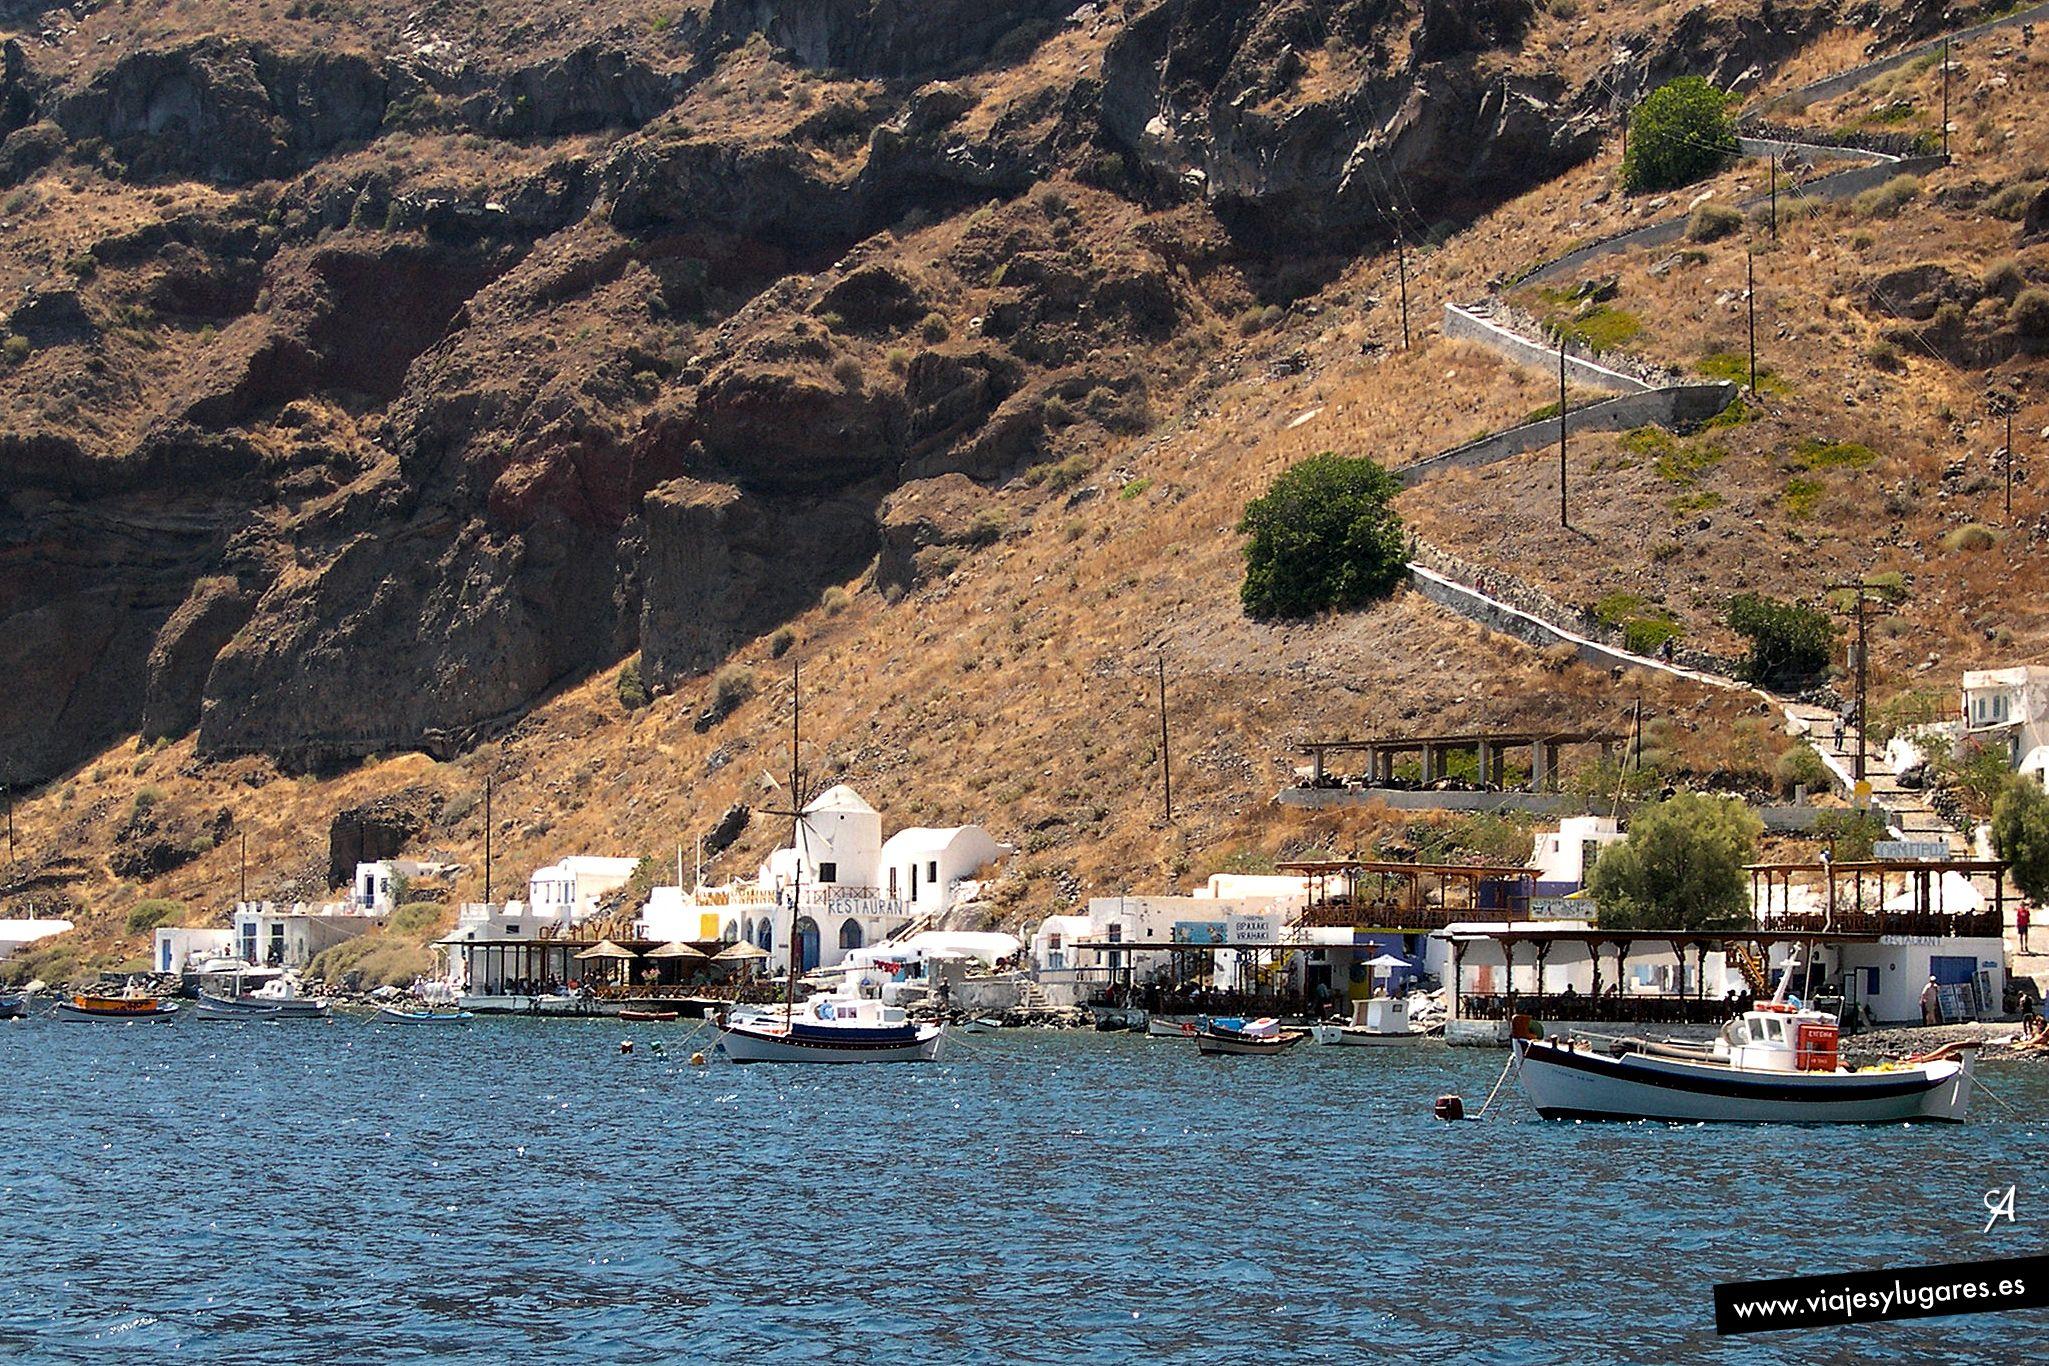 Estando en Santorini, nos acercamos en velero a la pequeña isla de Thirassia, que también tiene una buena cuesta con una escalerita en zig-zag para llegar al pueblo de Manolas... Santorini, Grecia.